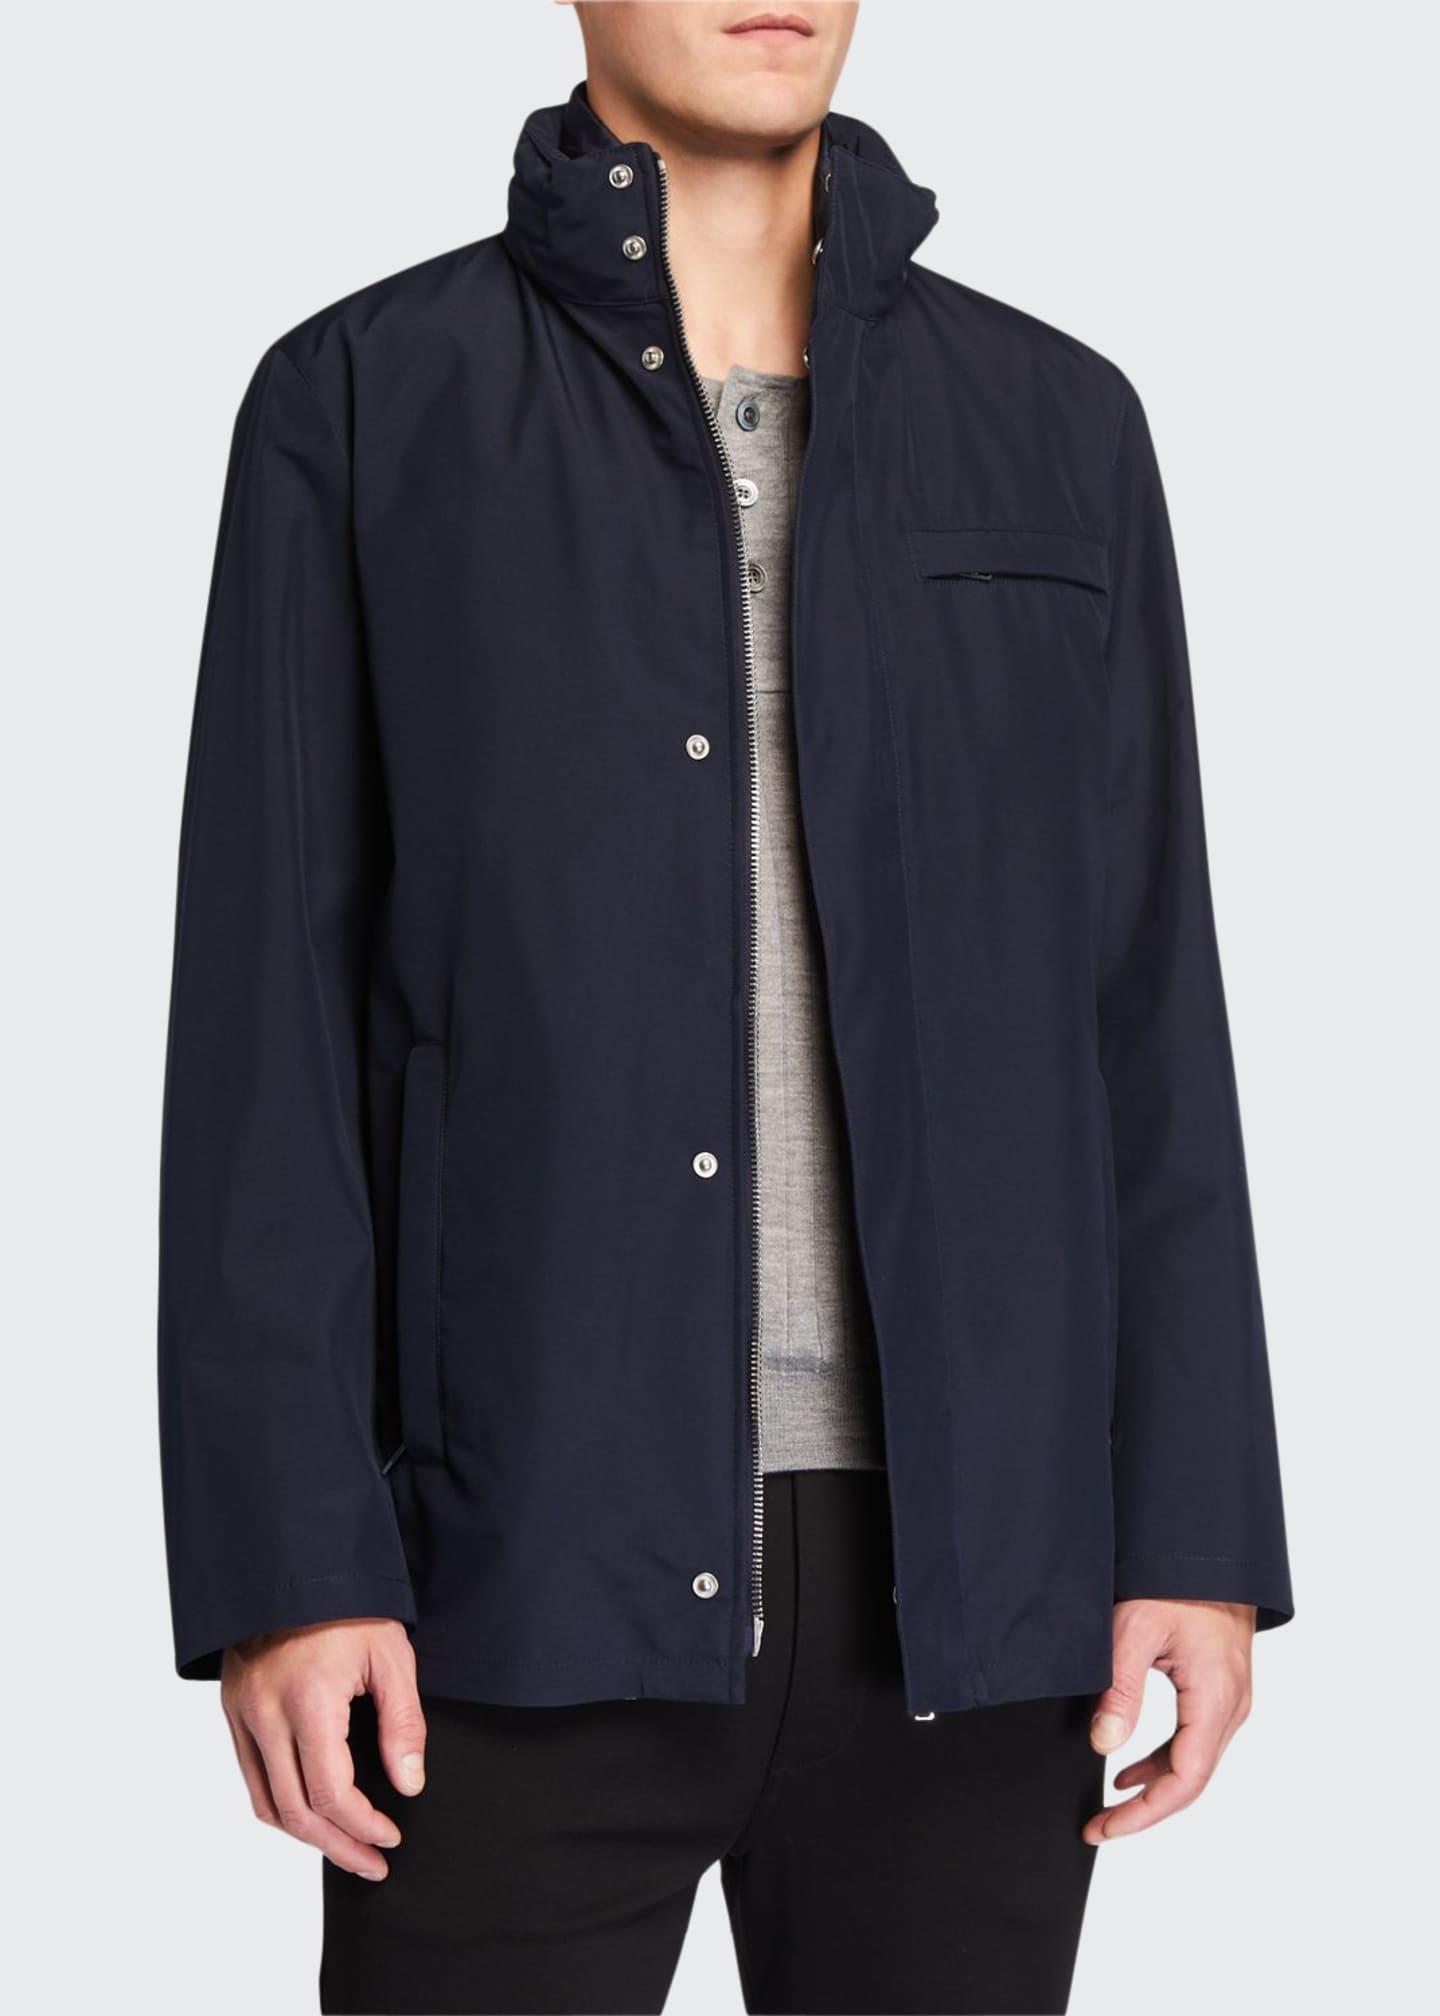 Prada Men's 3-in-1 Puffer Coat